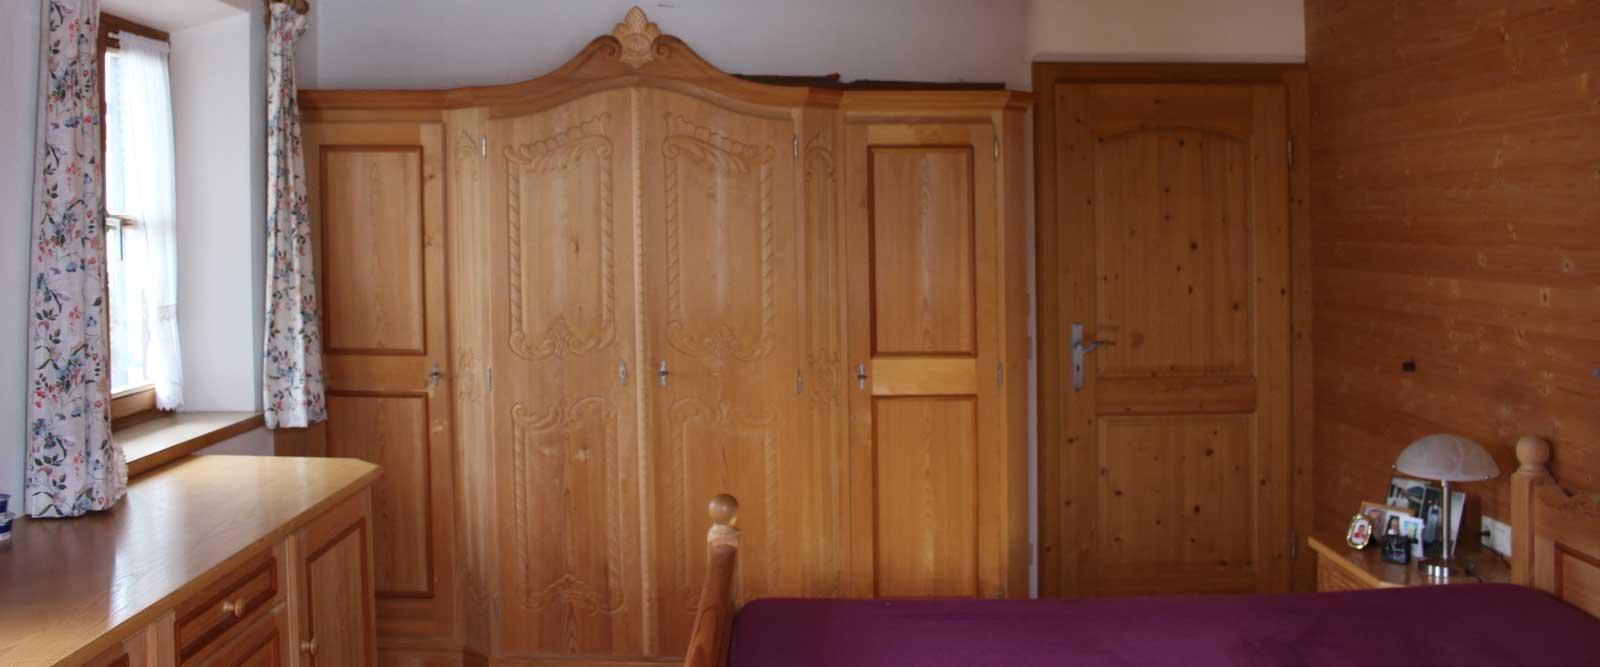 Schlafzimmer Kafl Möbelschreiner